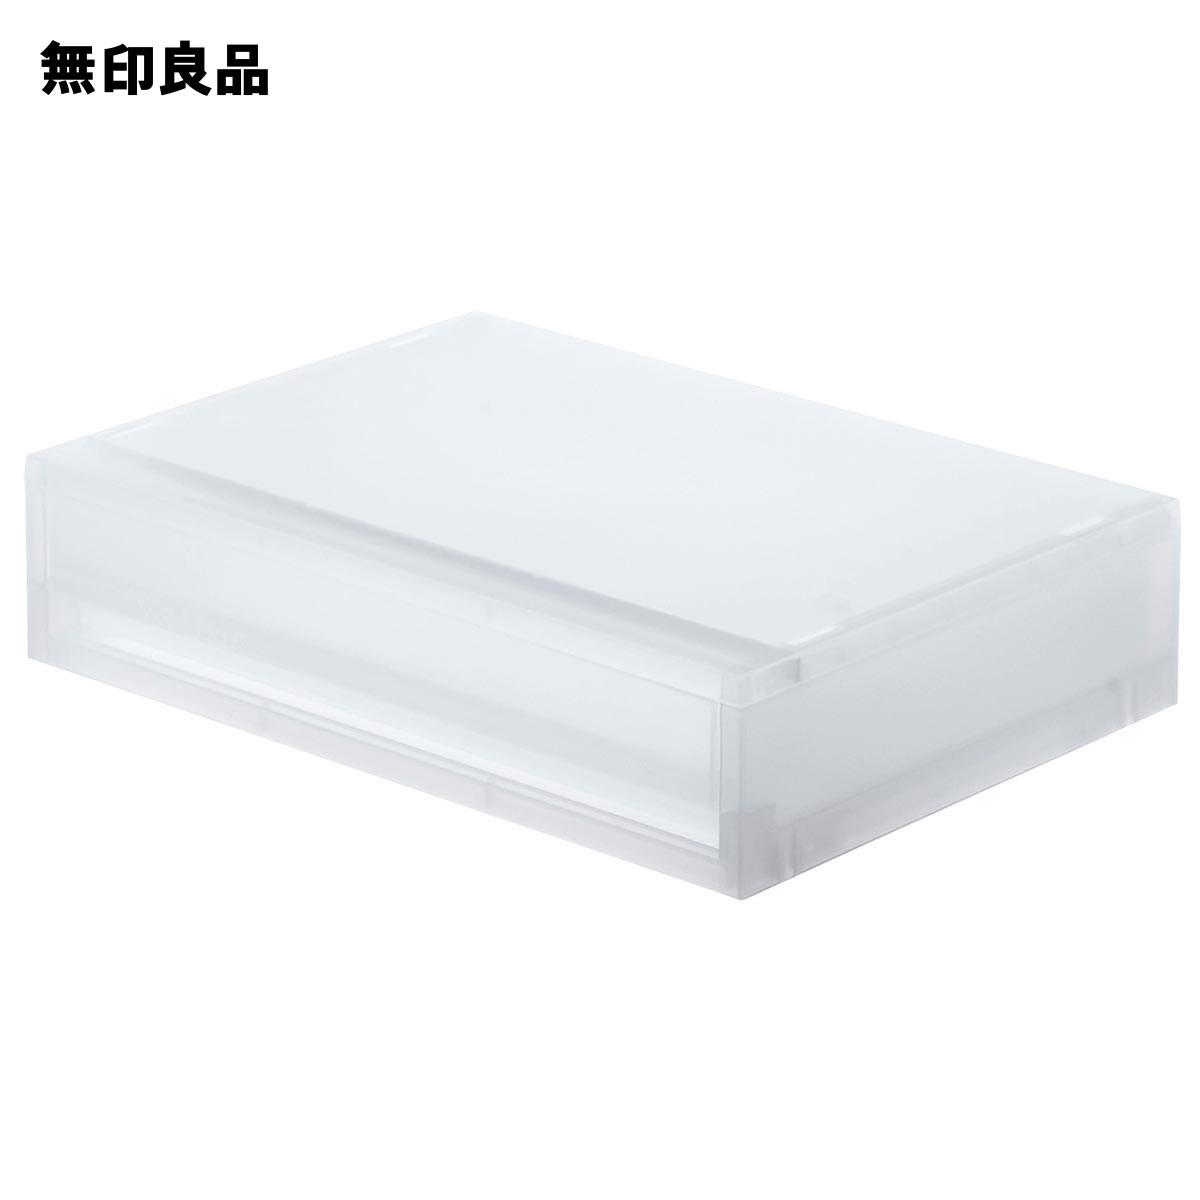 【無印良品公式】ポリプロピレンケース引出式・横ワイド・薄型幅37×奥行26×高さ9cm